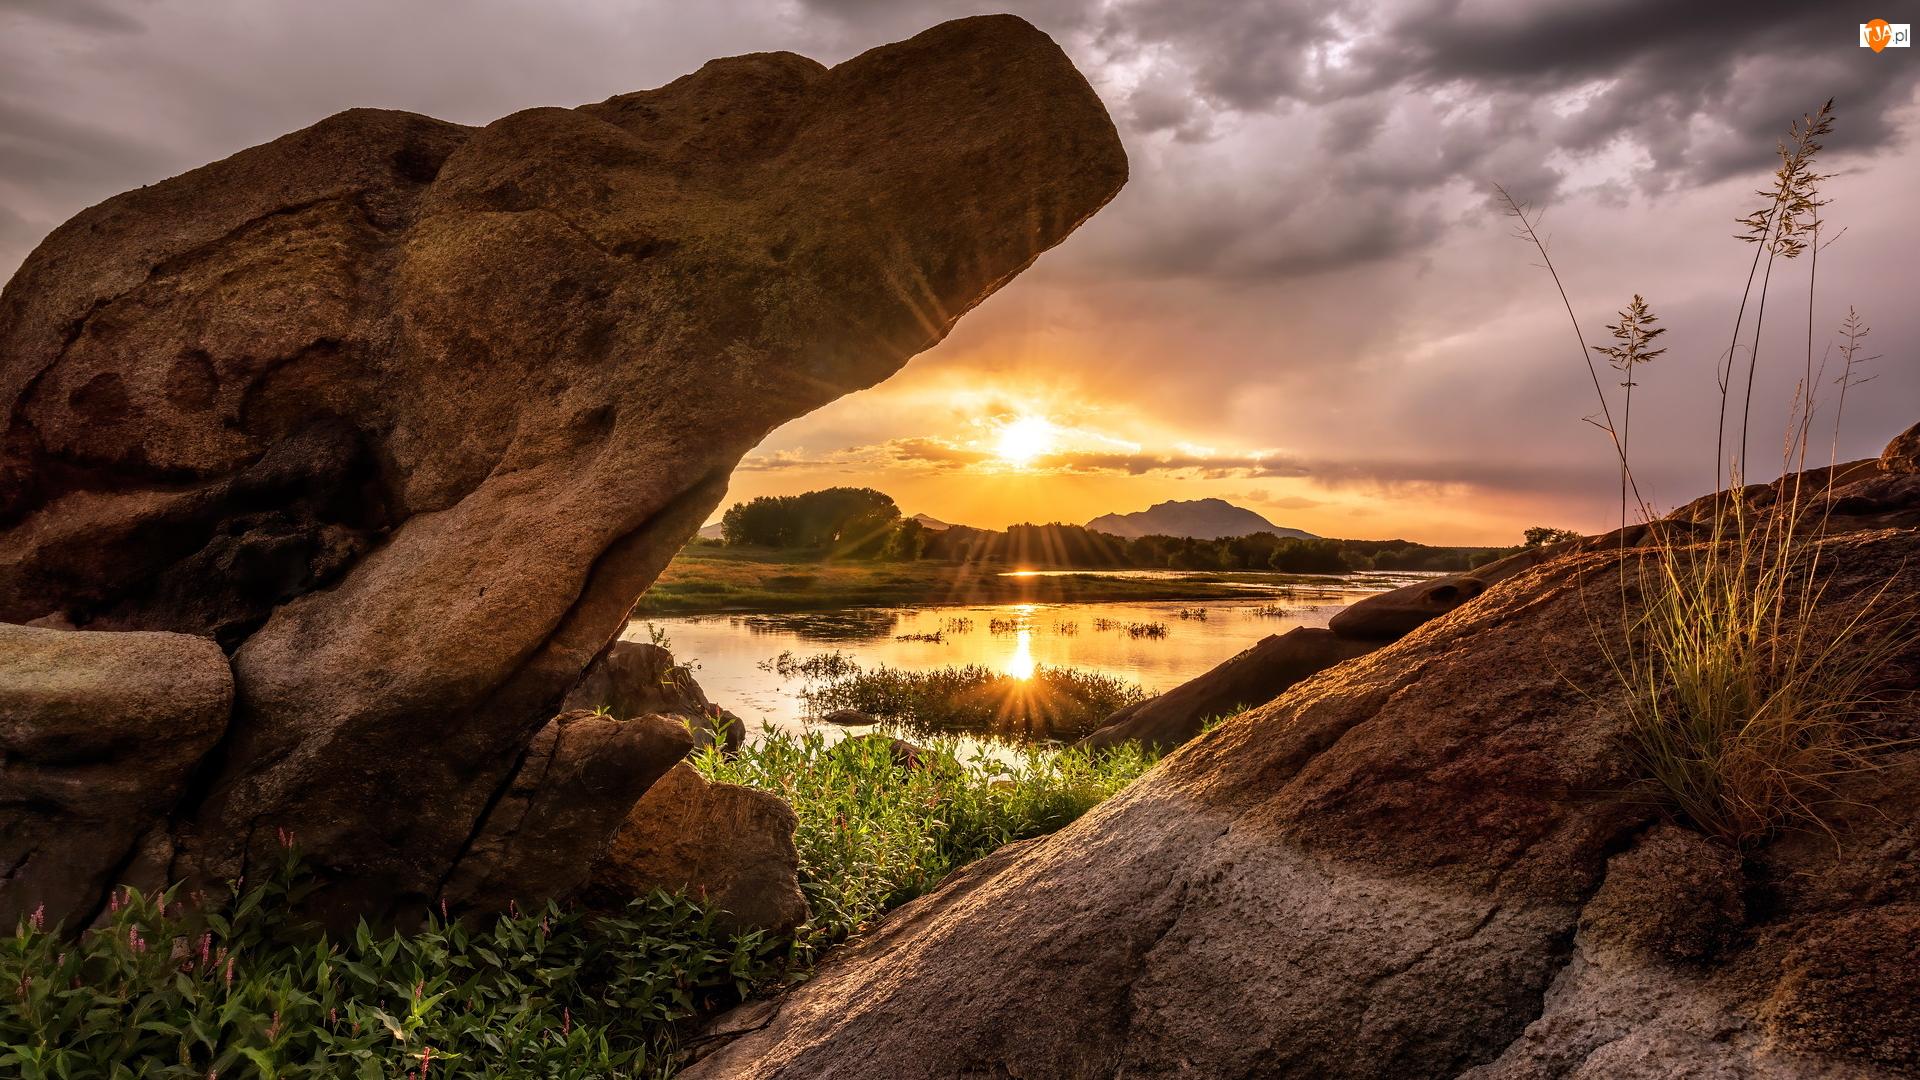 Arizona, Stany Zjednoczone, Prescott, Skały, Hrabstwo Yavapai, Jezioro Willow Lake